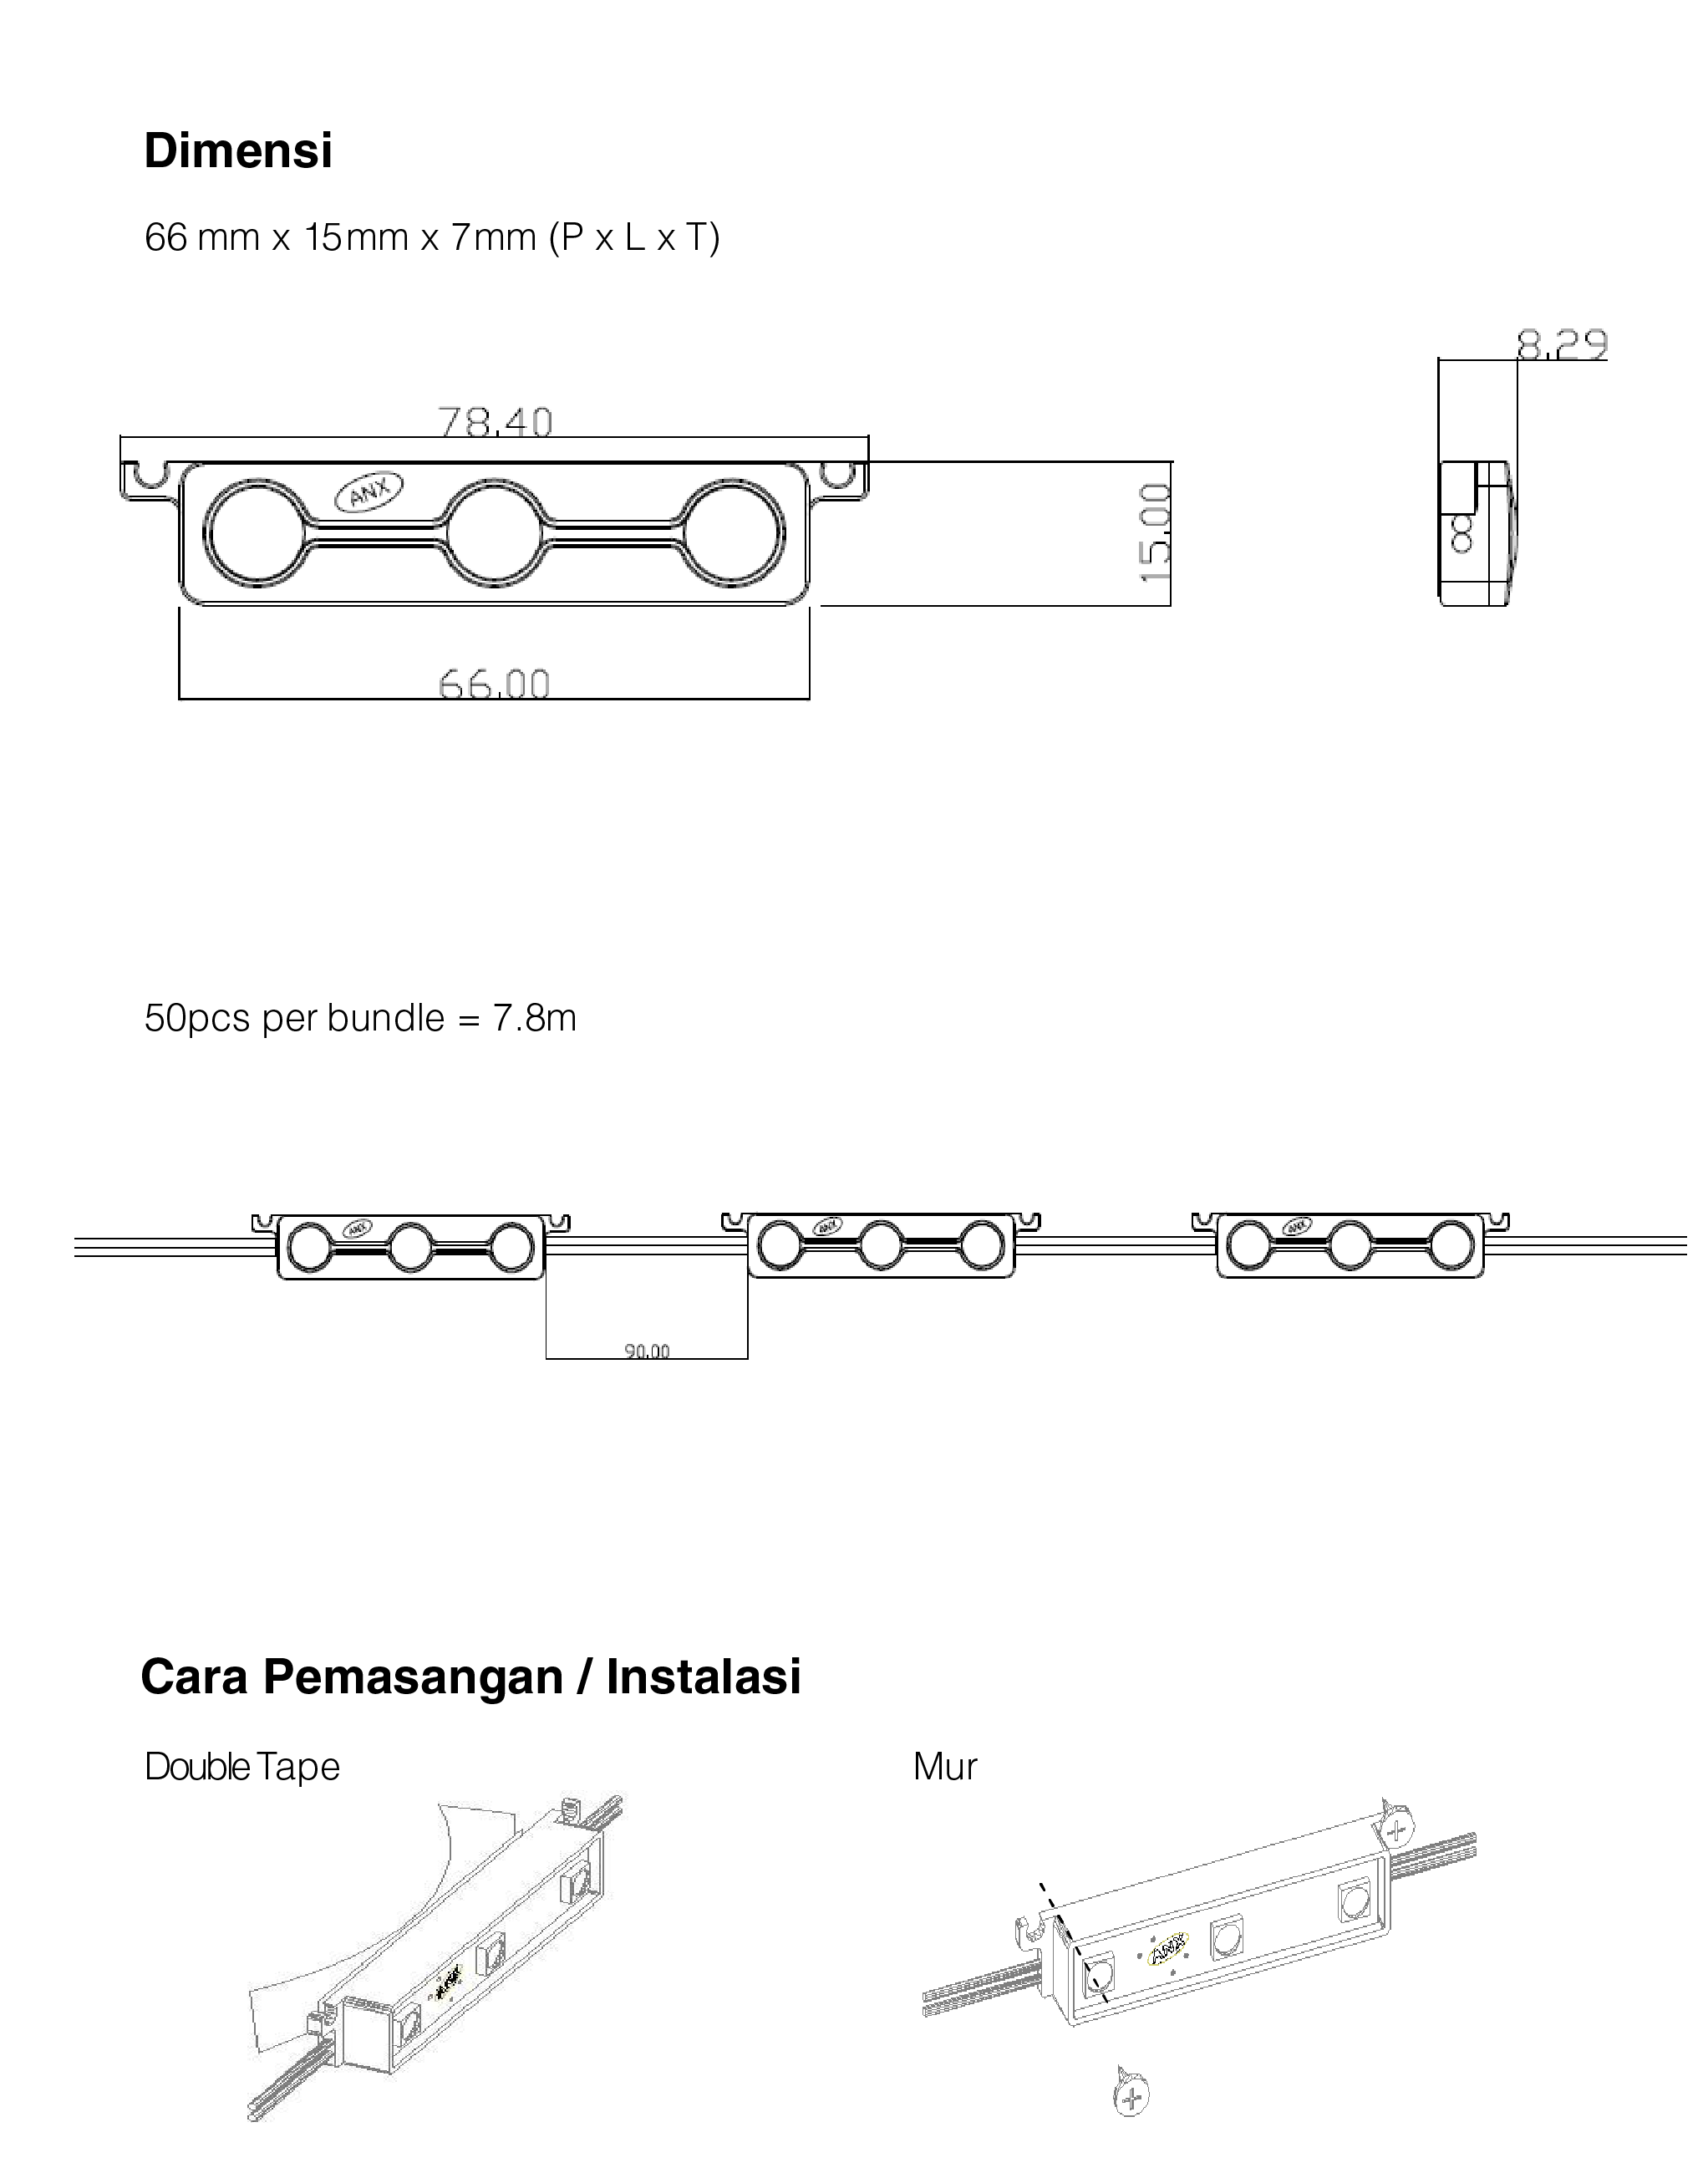 Dimensi dan Cara Pemasangan LED Module Korea Samsung LG Anylux